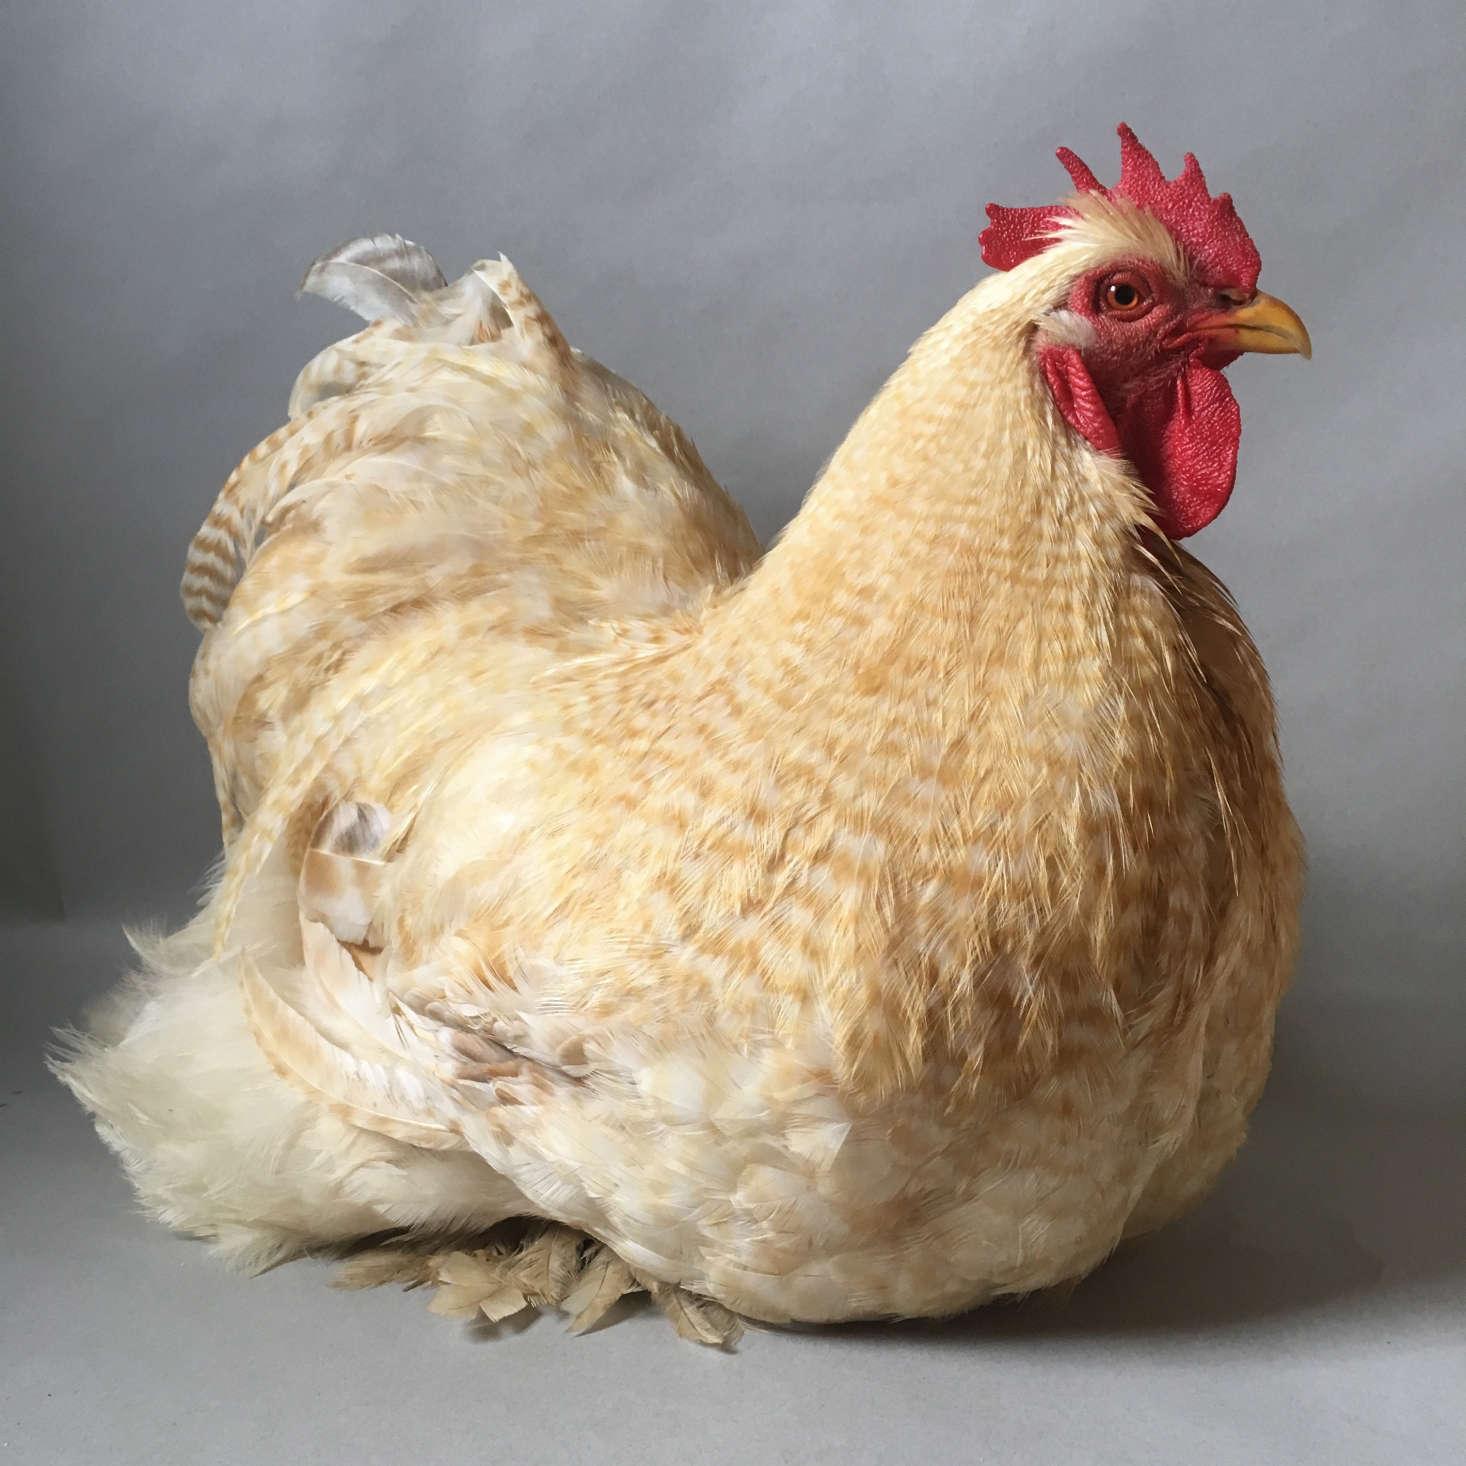 Louis, a Lemon Cuckoo Standard Cochin rooster, was &#8